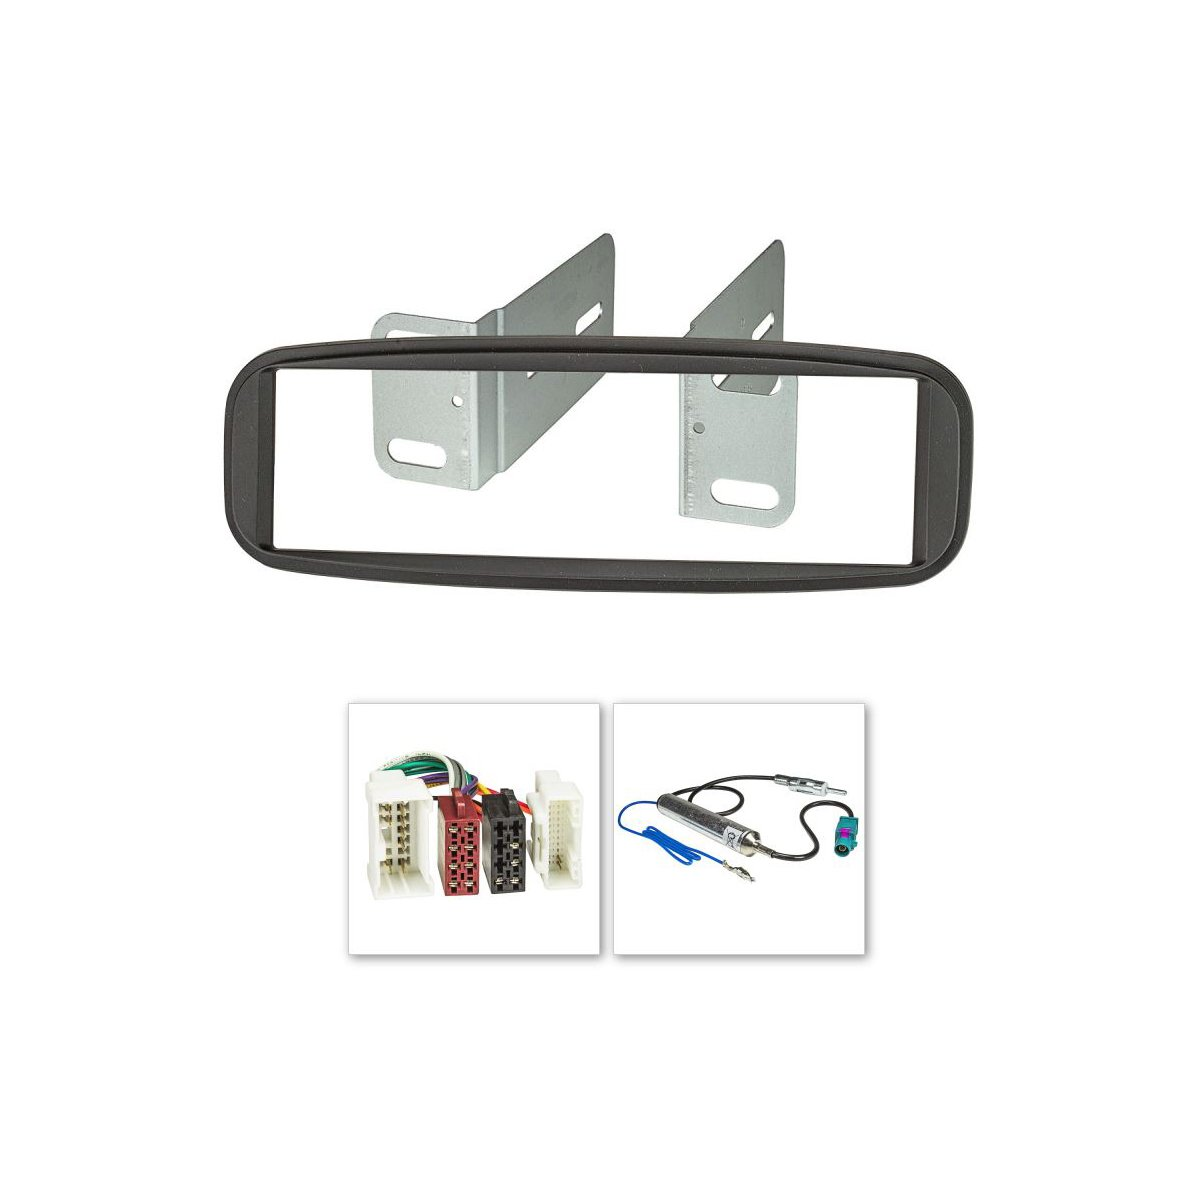 200mm x 300mm 1 Platte KYDEX Thermoplastischer Kunststoff zum Holster- und Messerscheidenbau Plattengr/össe ca